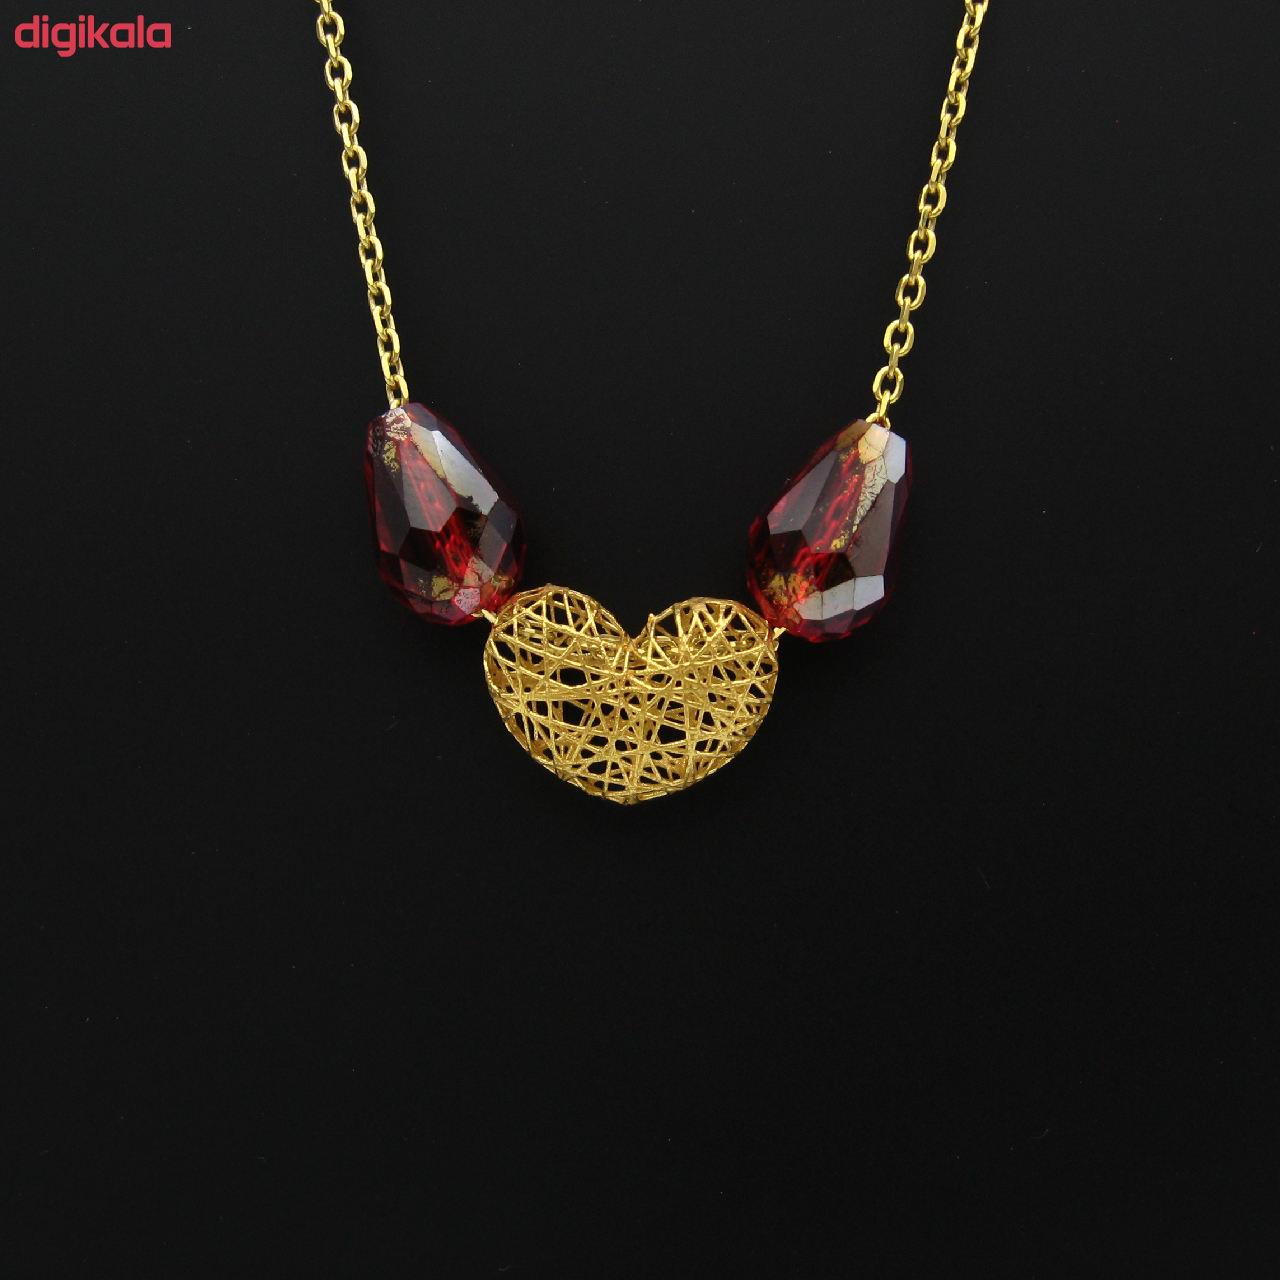 گردنبند طلا 18 عیار زنانه مانچو کد sfgs008 main 1 3